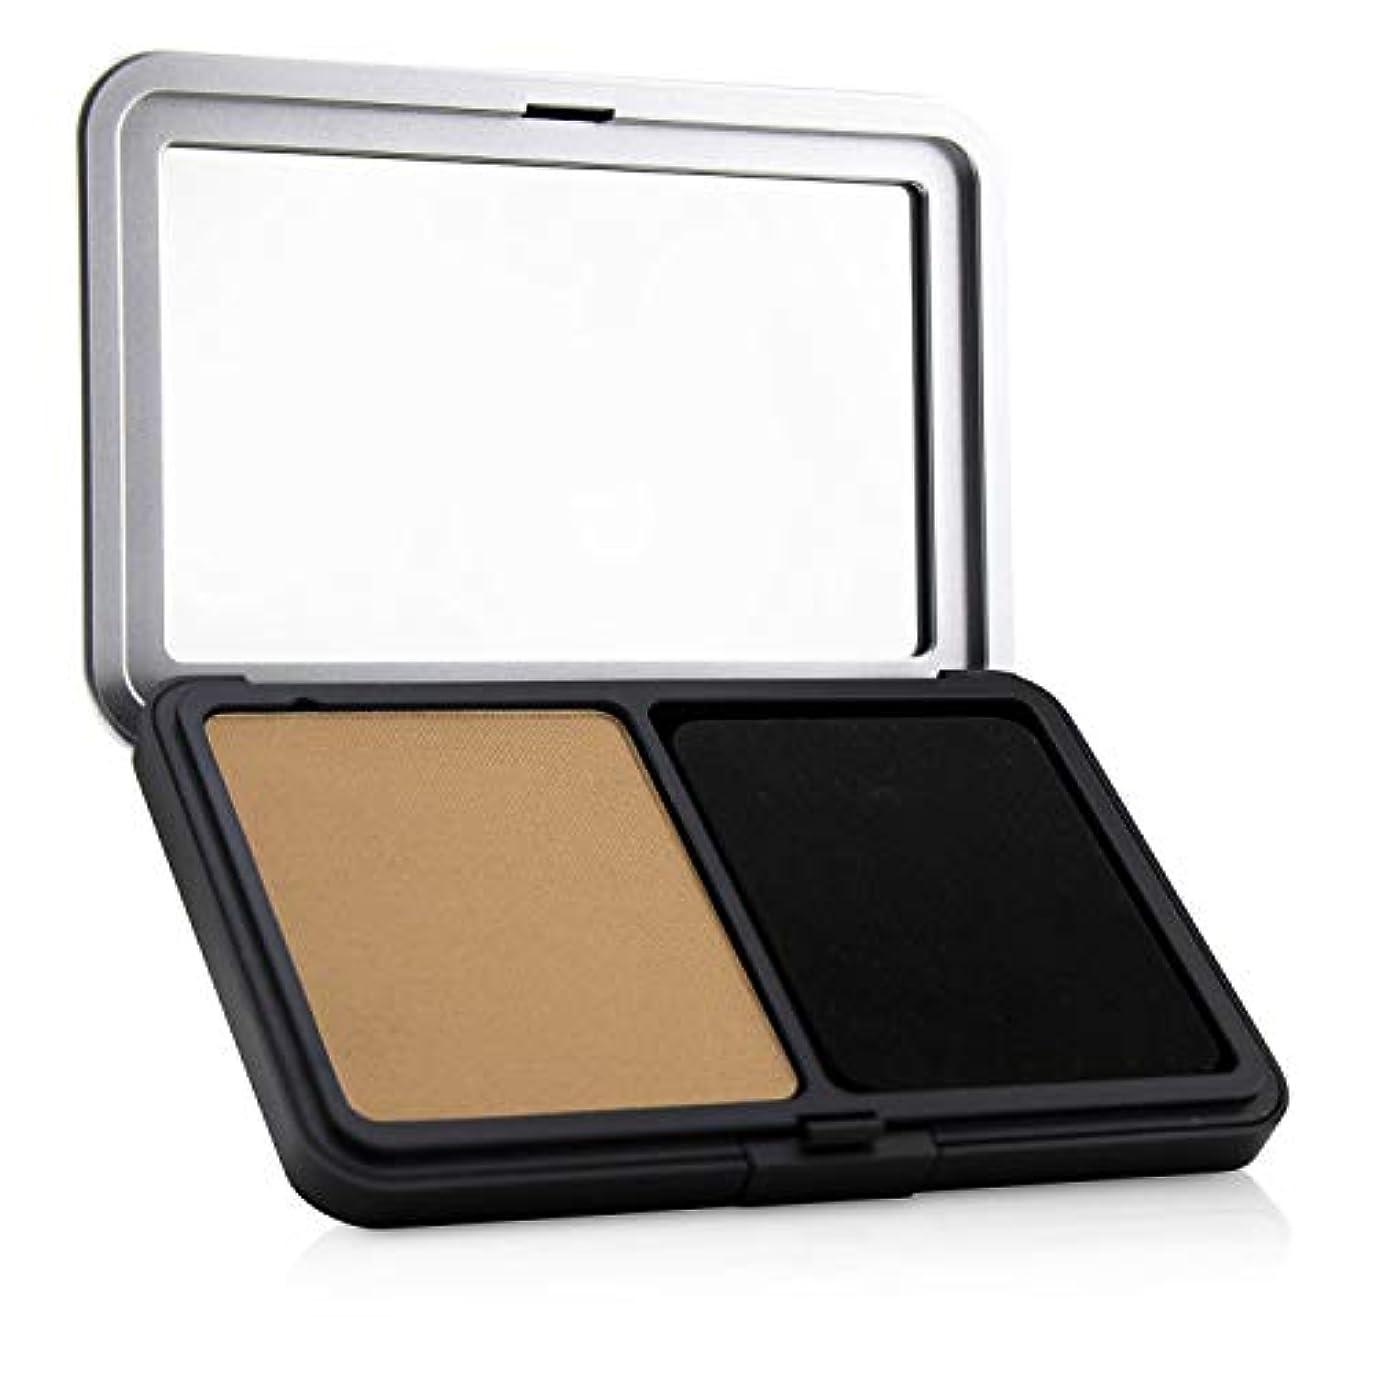 気を散らす未来ポンプメイクアップフォーエバー Matte Velvet Skin Blurring Powder Foundation - # R370 (Medium Beige) 11g/0.38oz並行輸入品